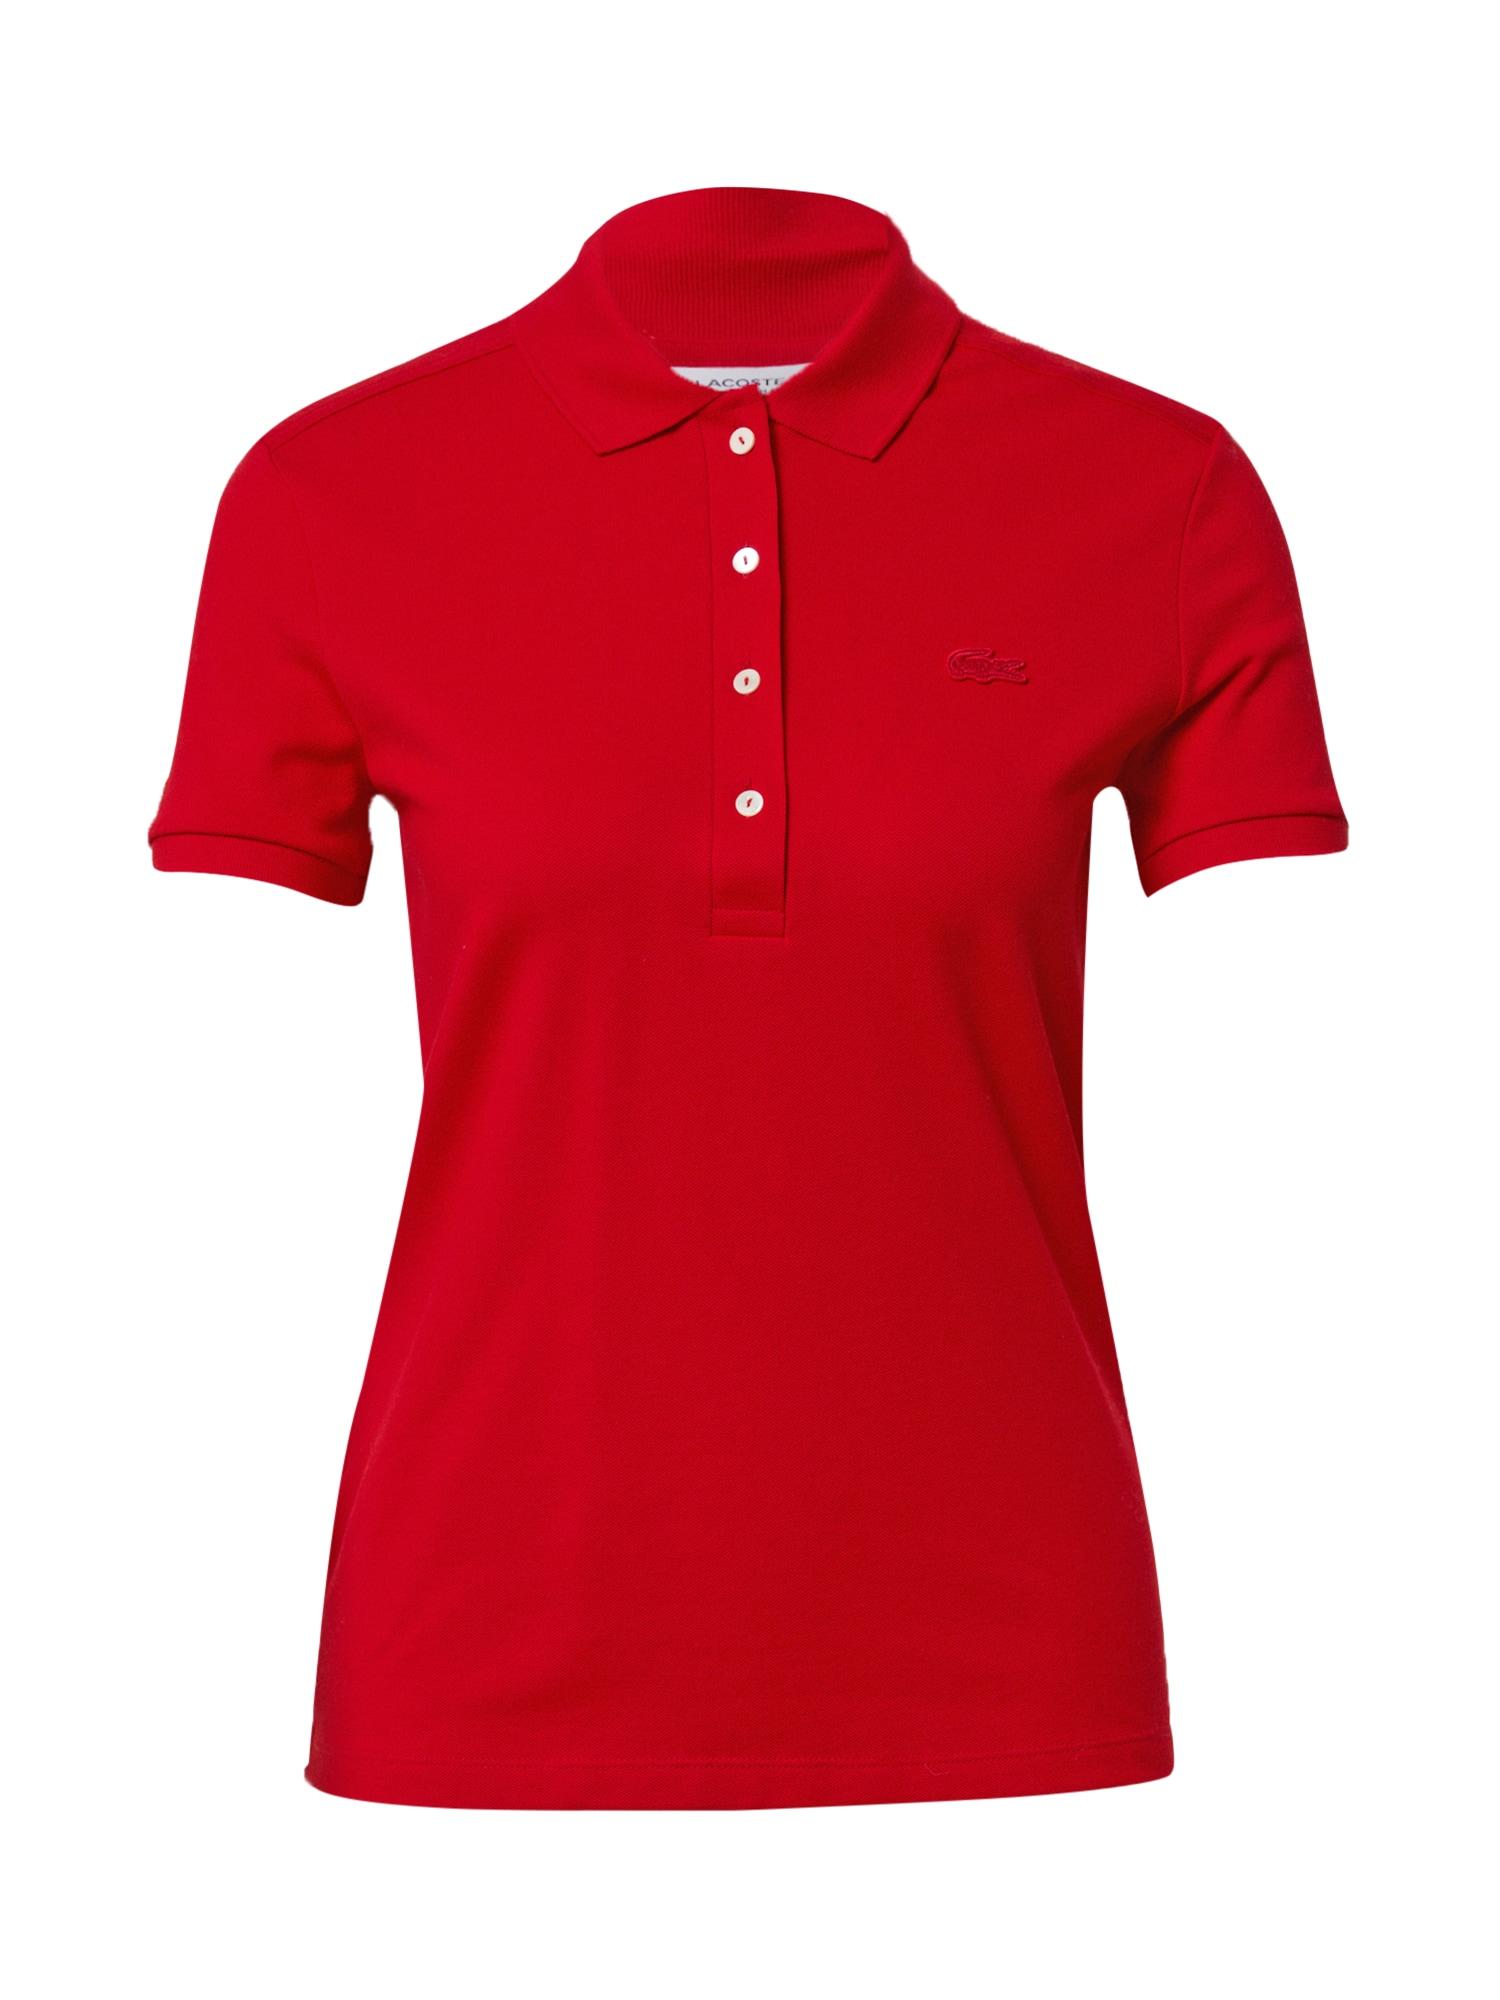 LACOSTE Marškinėliai ugnies raudona